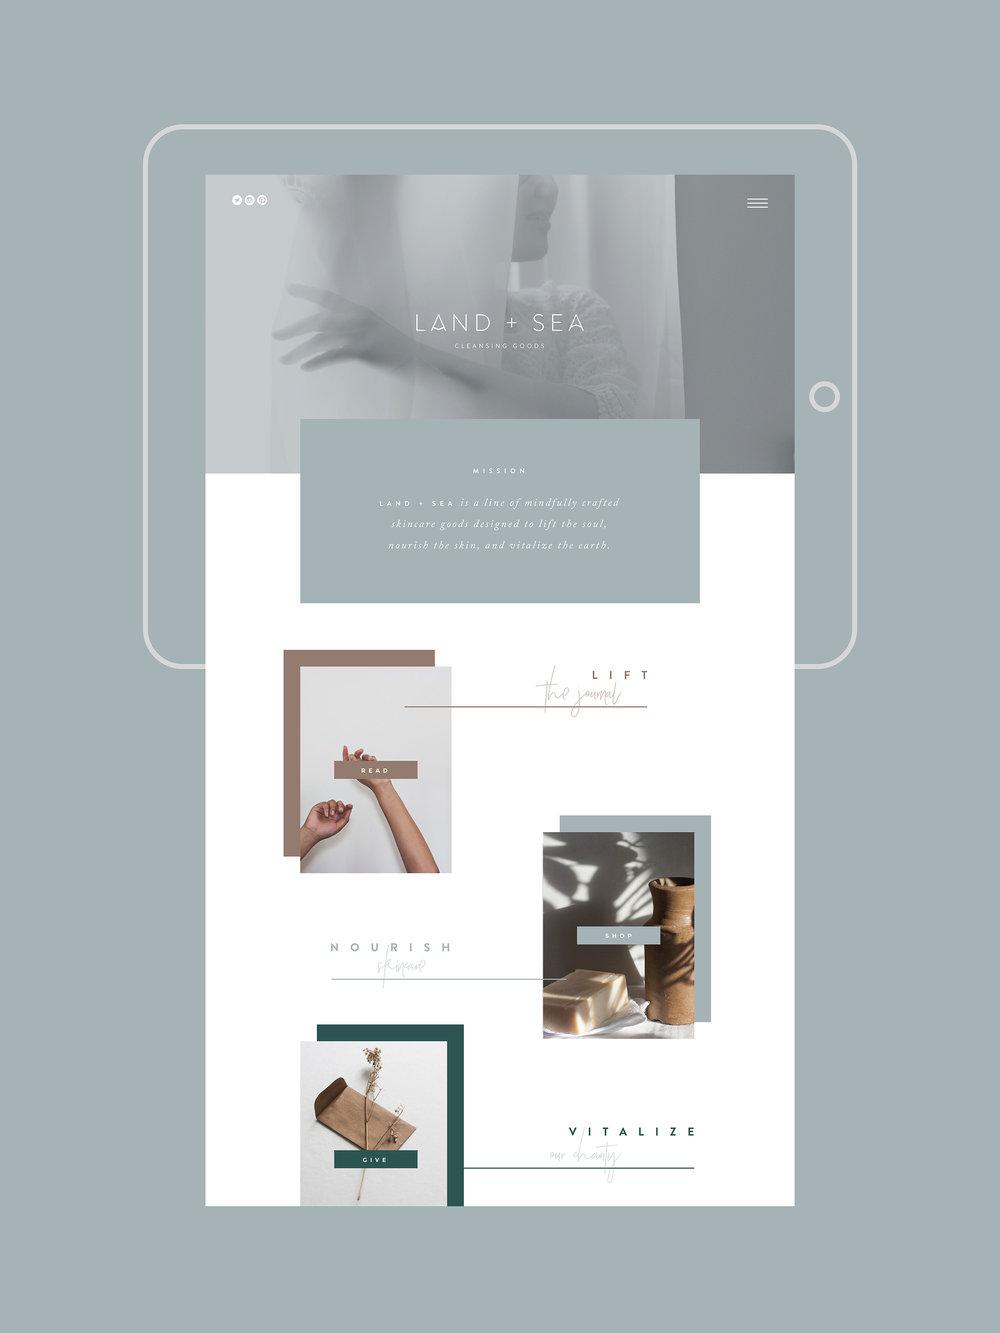 CANOPY_Land + Sea_Website Design